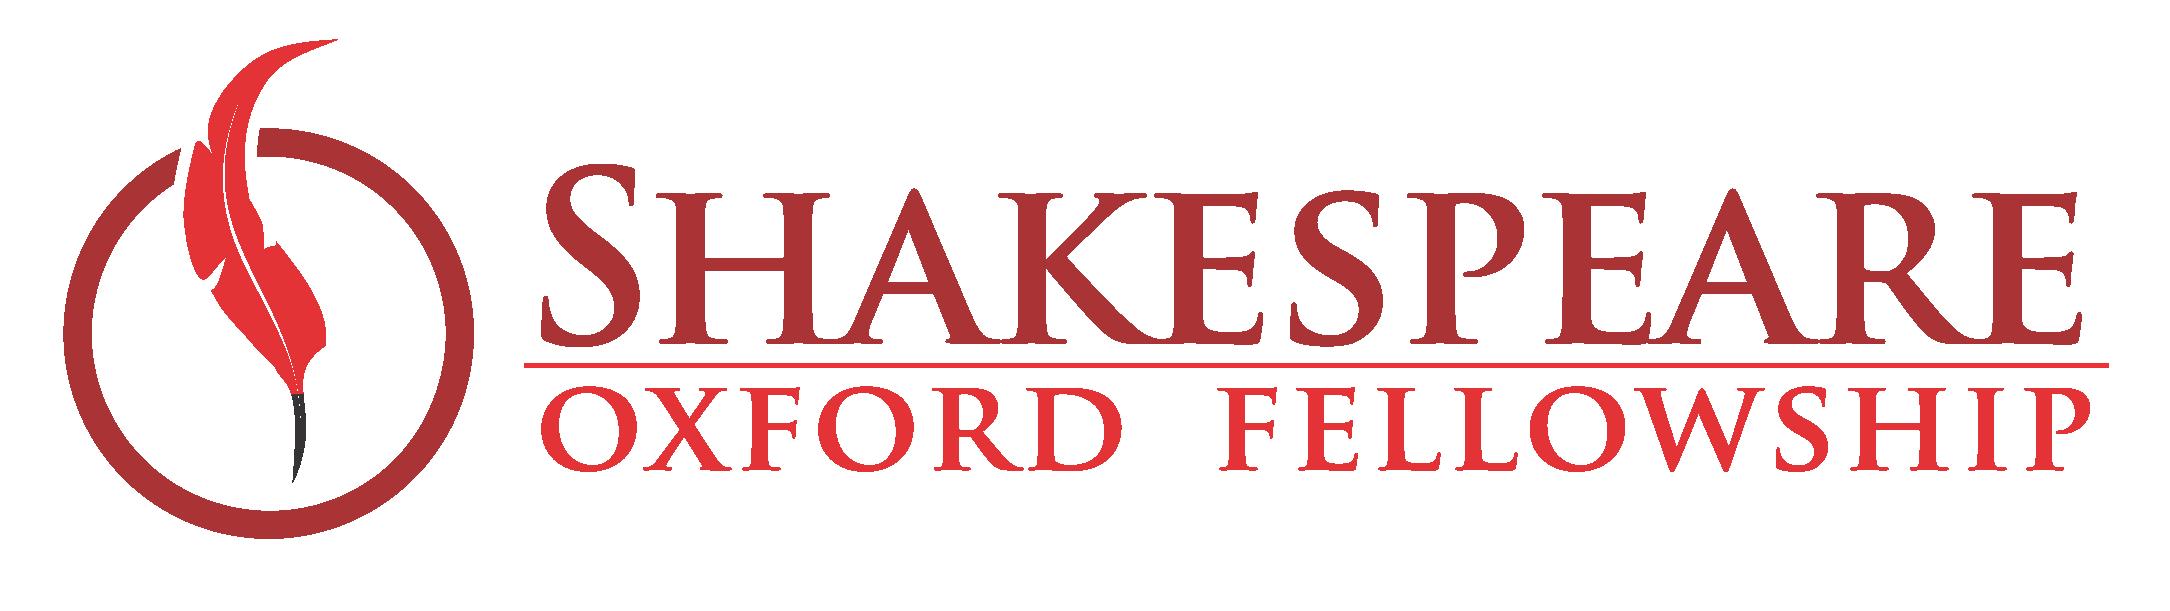 Shakespeare Oxford Newsletter | Shakespeare Oxford Fellowship